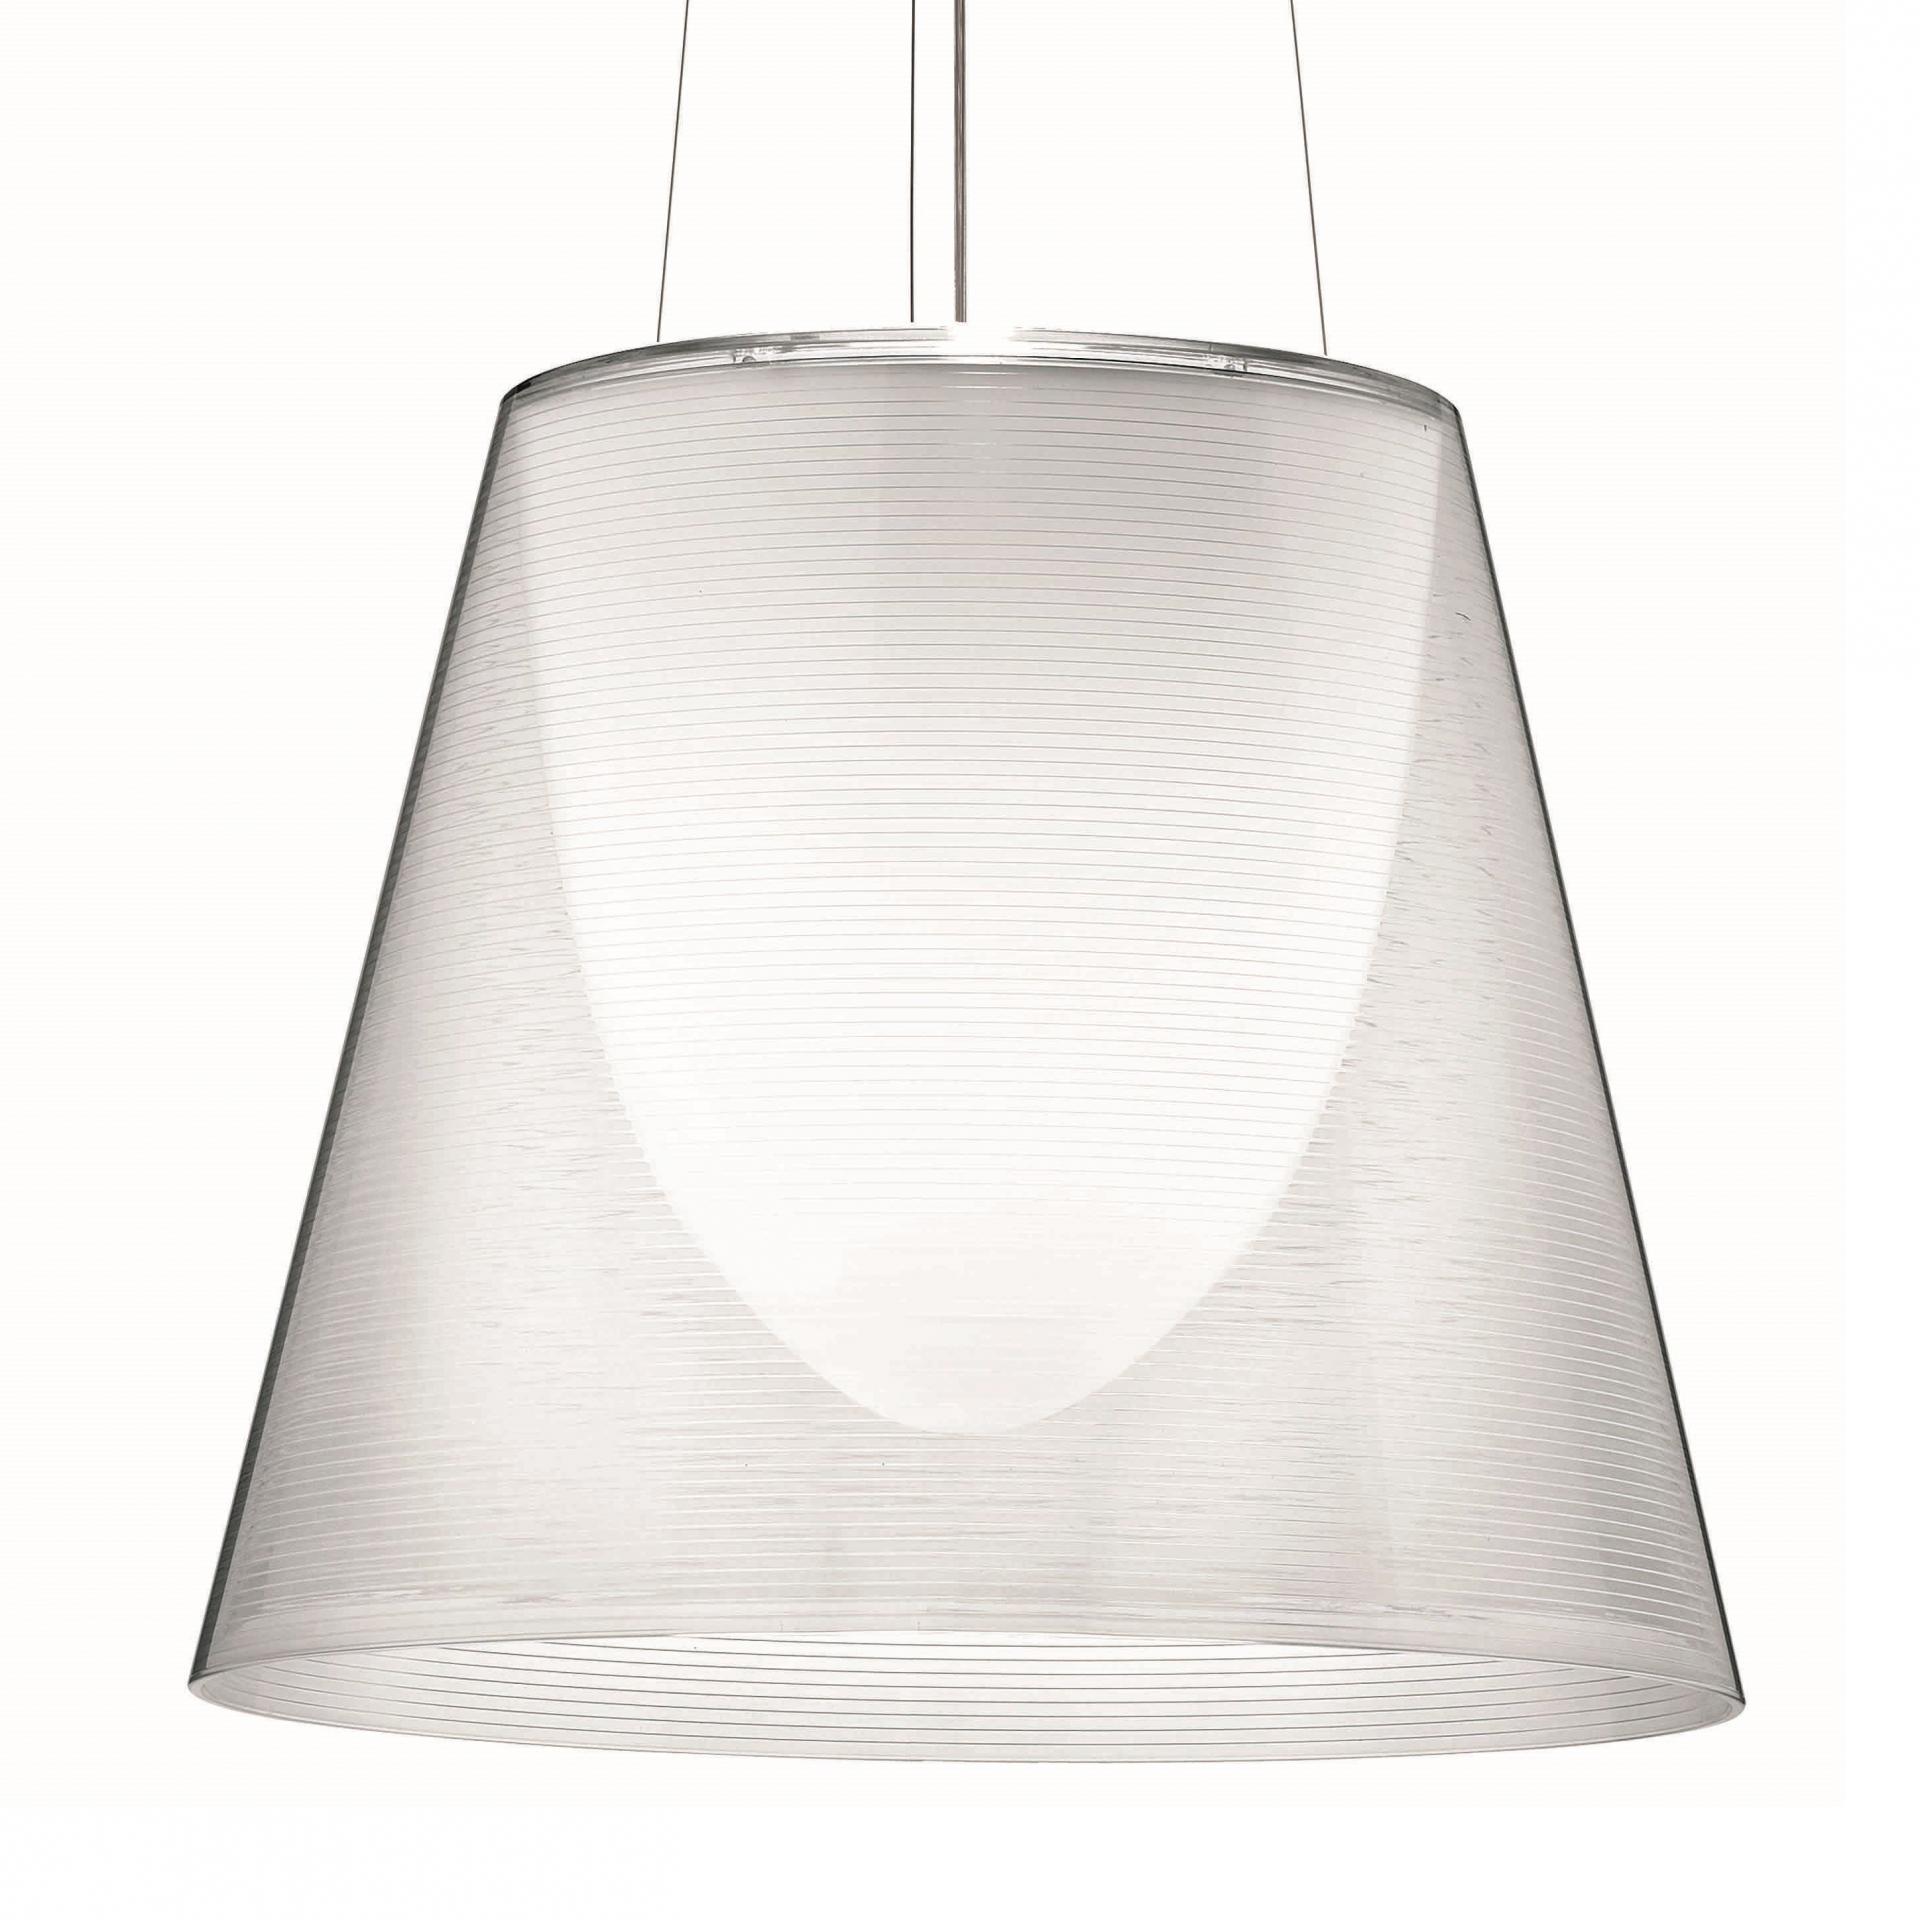 Levně Flos designová závěsná svítidla KTribe S3